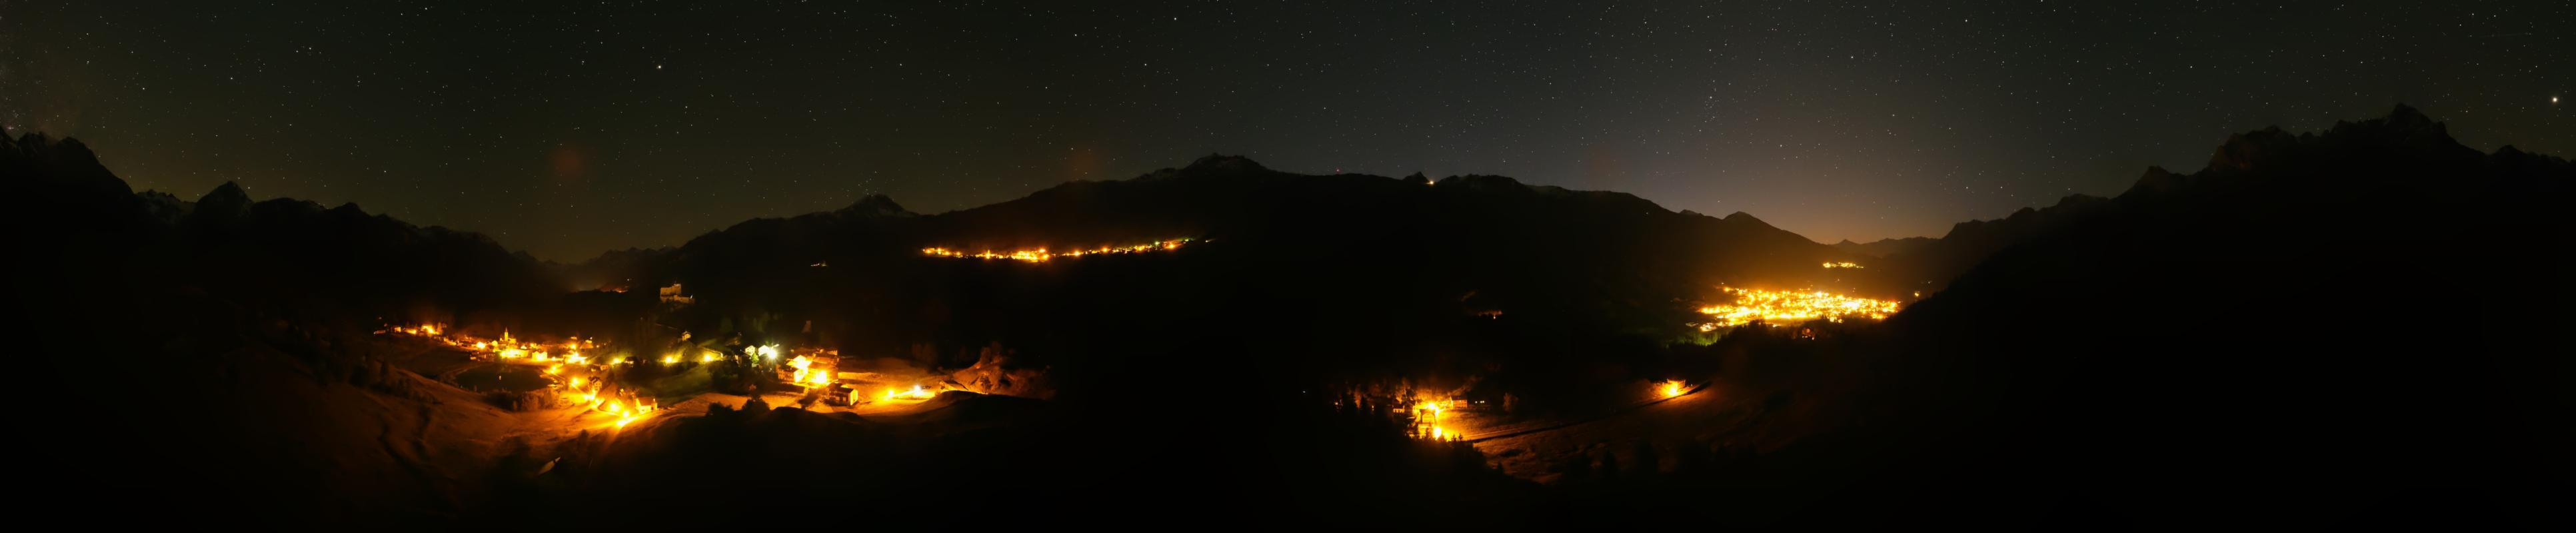 45h ago - 03:04